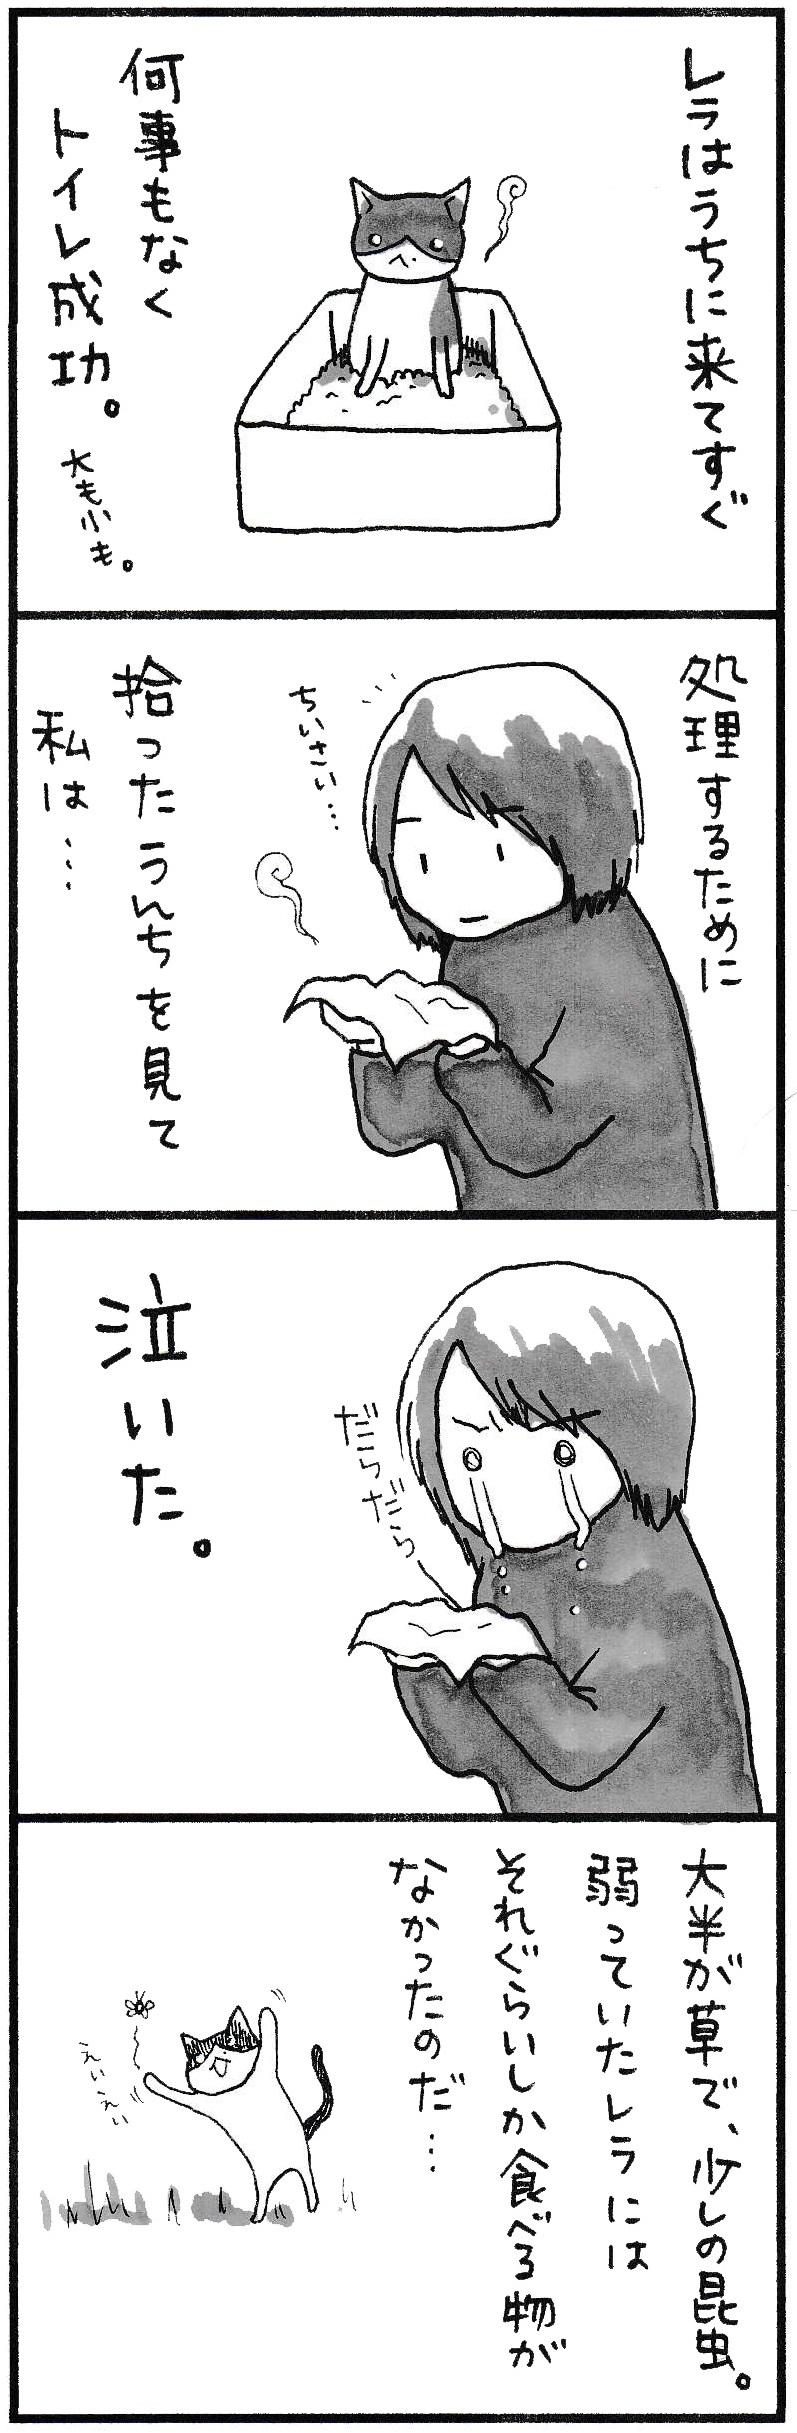 れらのうんこ